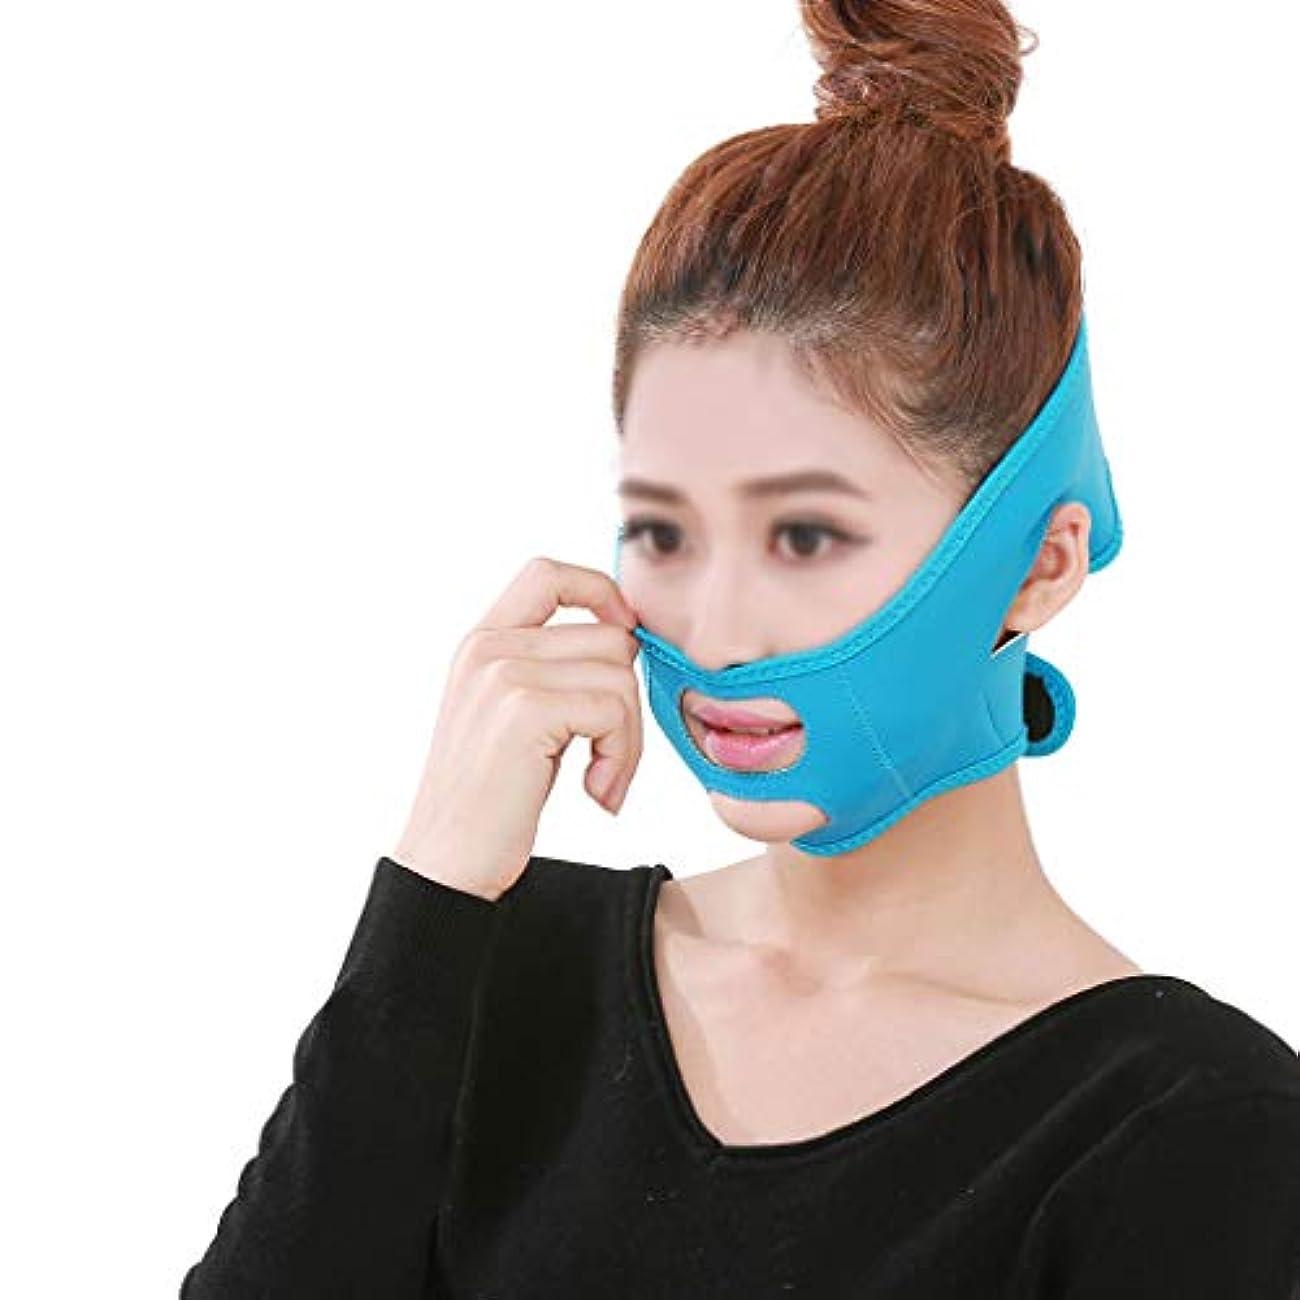 没頭するミサイル粘土GLJJQMY 顔の顔のマスク小さなV顔包帯薄い顔のアーティファクトは、二重顎リフト肌を減らす 顔用整形マスク